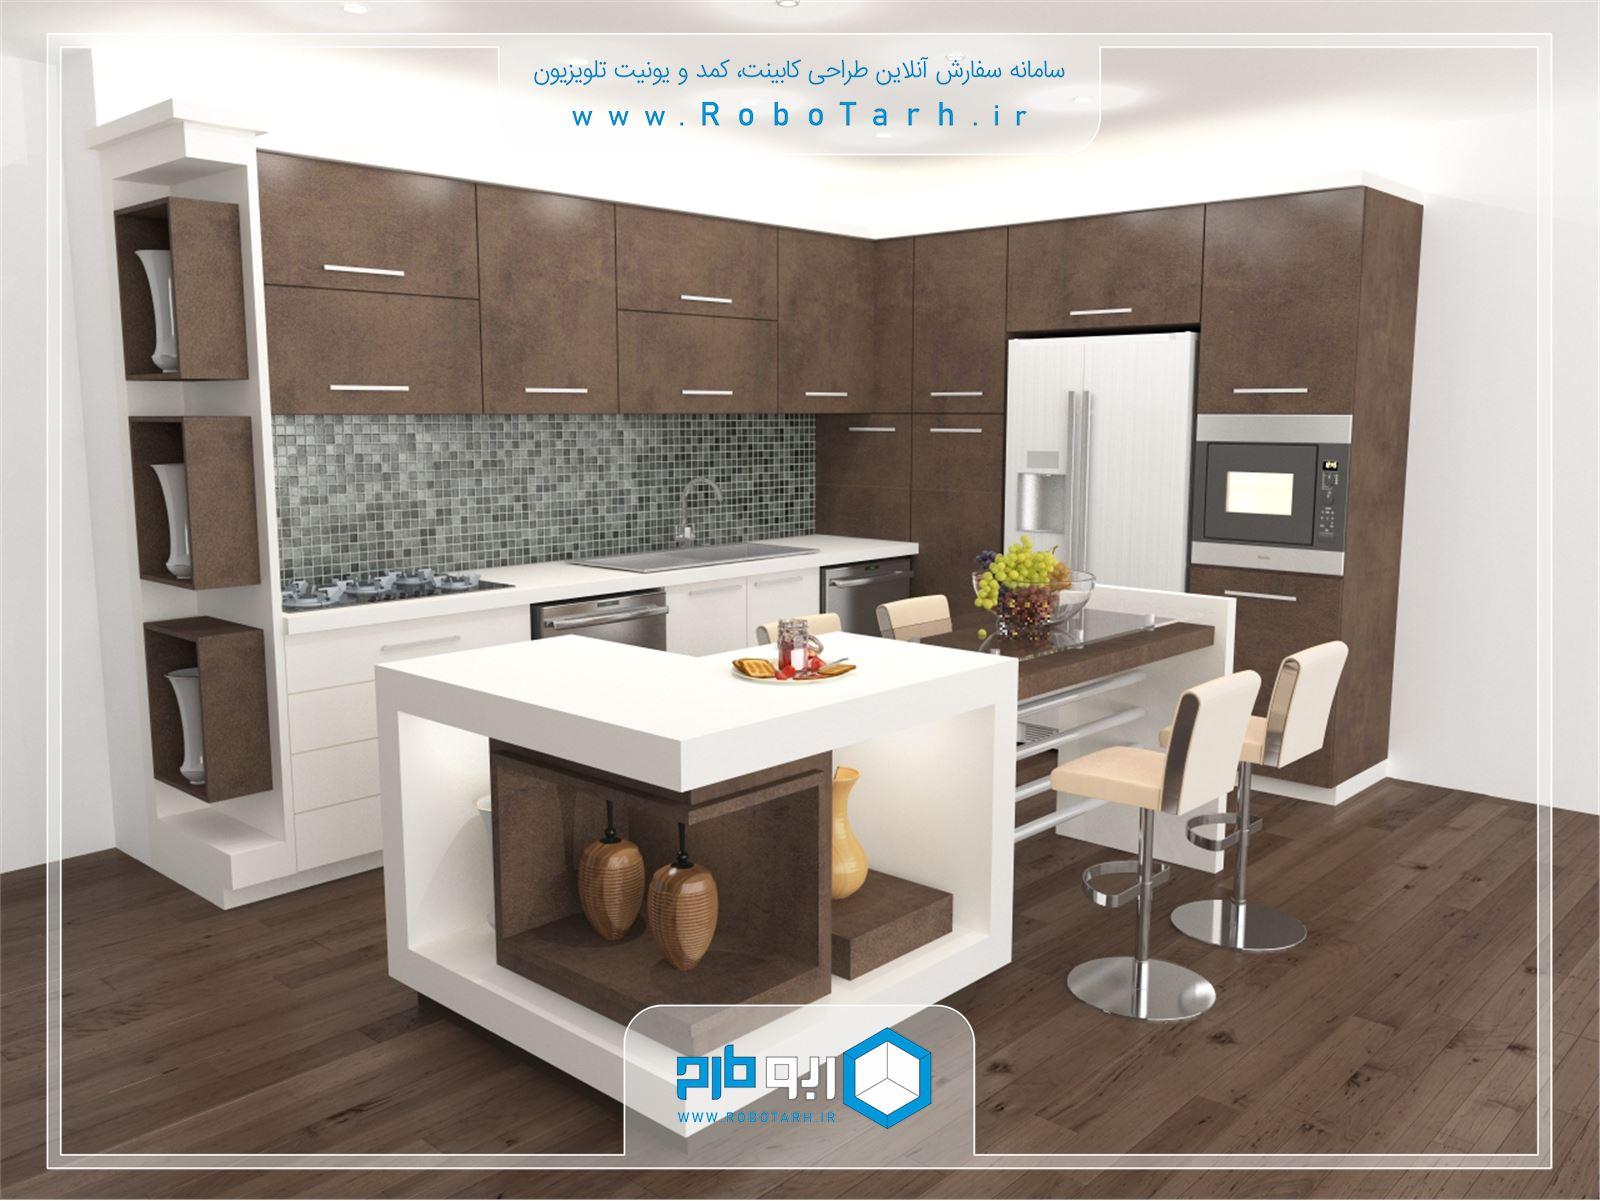 کابینت آشپزخانه کوچک سفید و قهوه ای